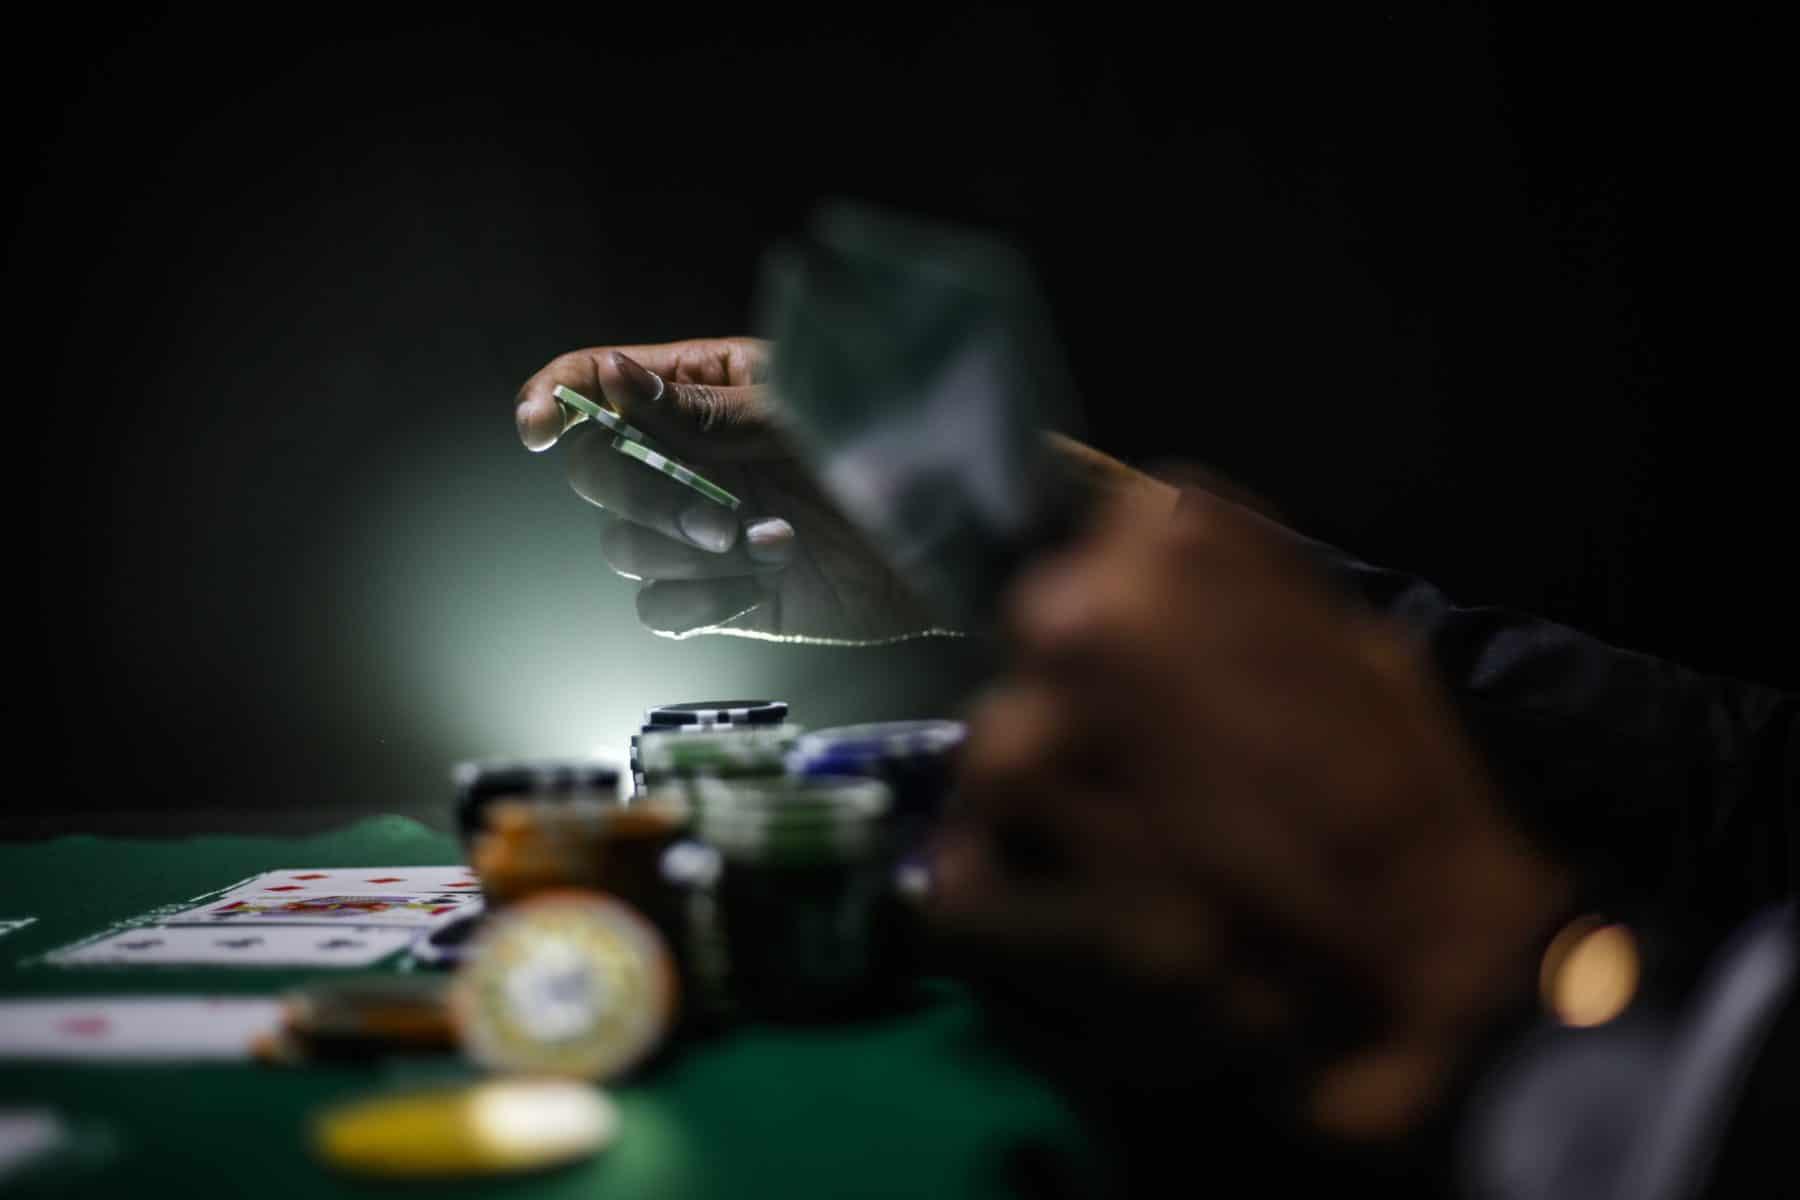 Szene am Spieltisch mit Chips und Spielkarten